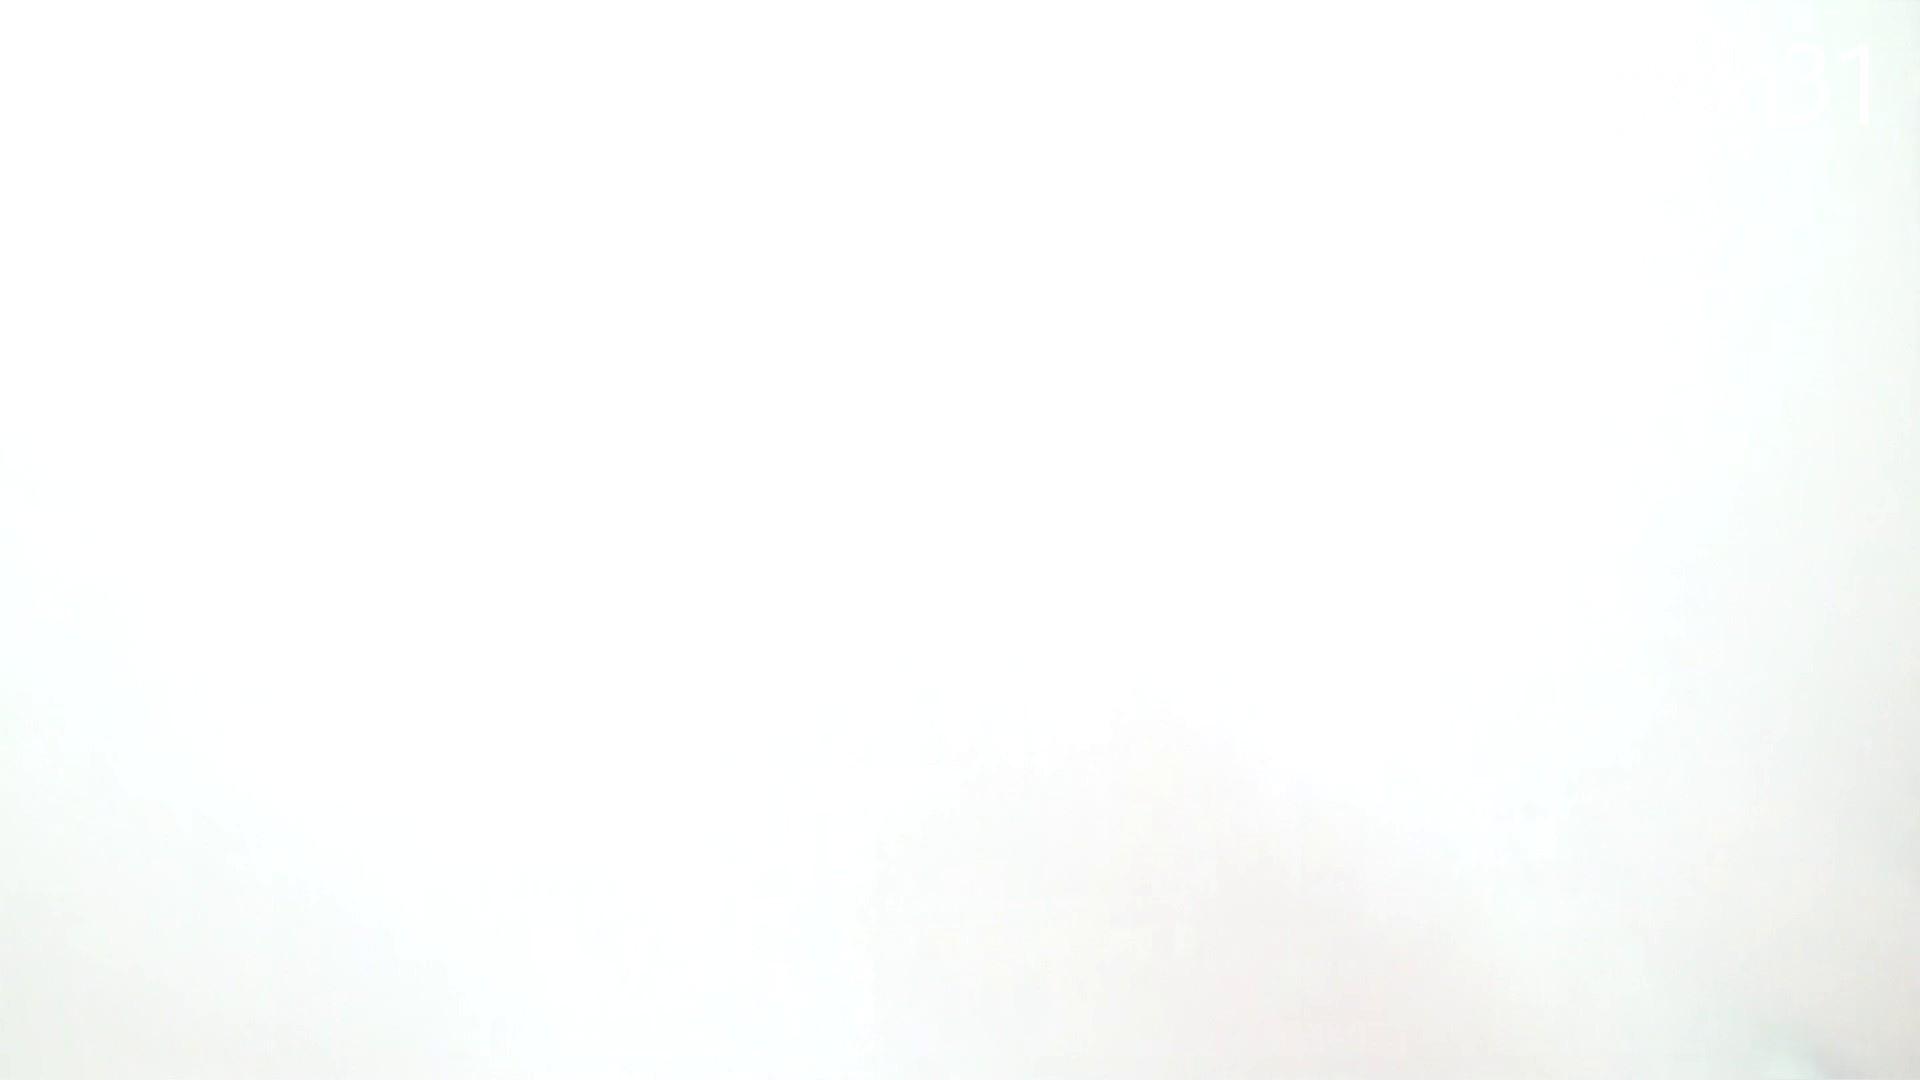 ▲復活限定▲ハイビジョン 盗神伝 Vol.31 むっちりガール えろ無修正画像 94枚 78